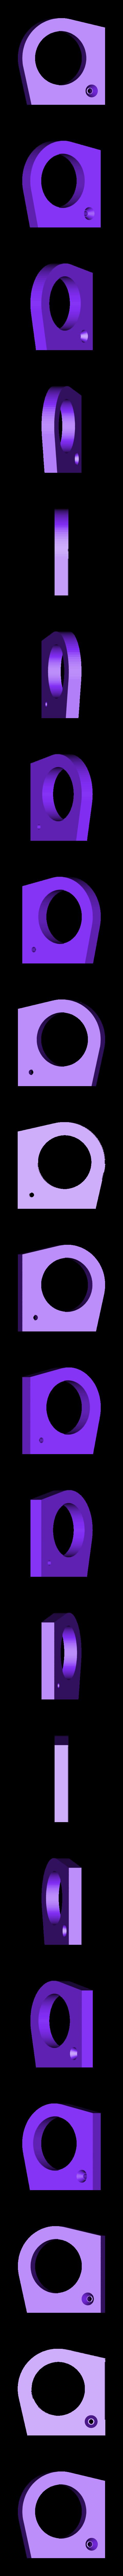 dessus.stl Download free STL file Tubes4shelves v1.0 • 3D printing model, KaptainPoiscaille